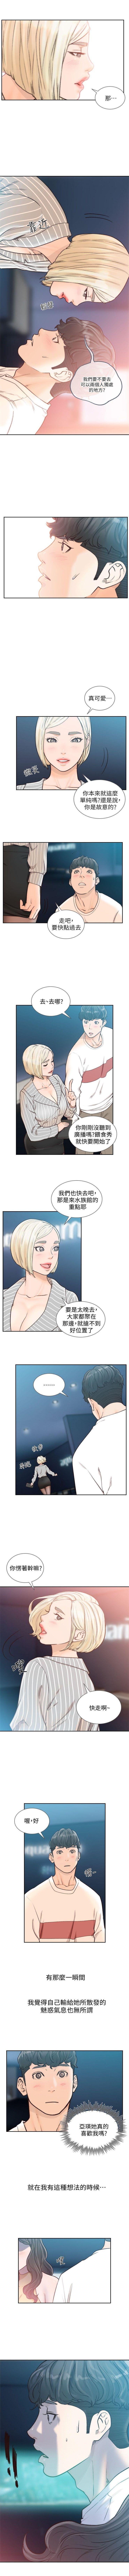 前女友 1-48 中文翻译(更新中) 116